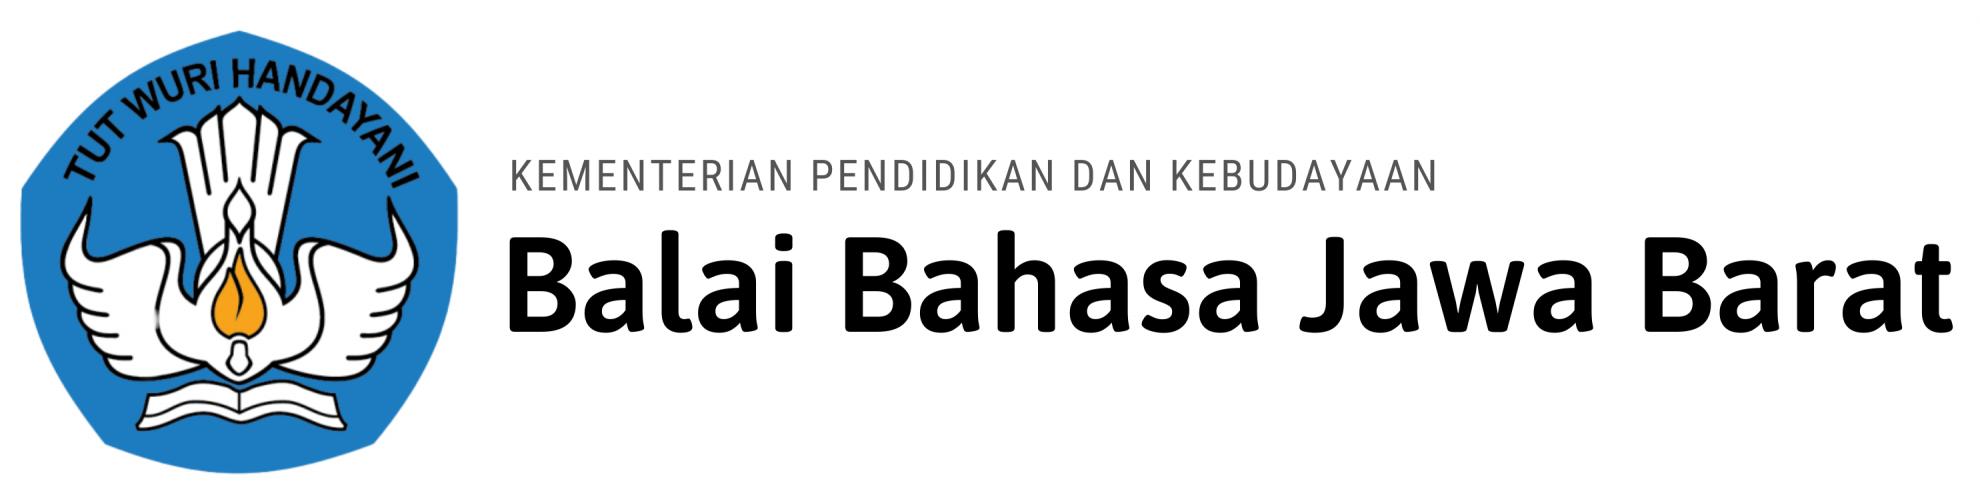 BALAI BAHASA JAWA BARAT